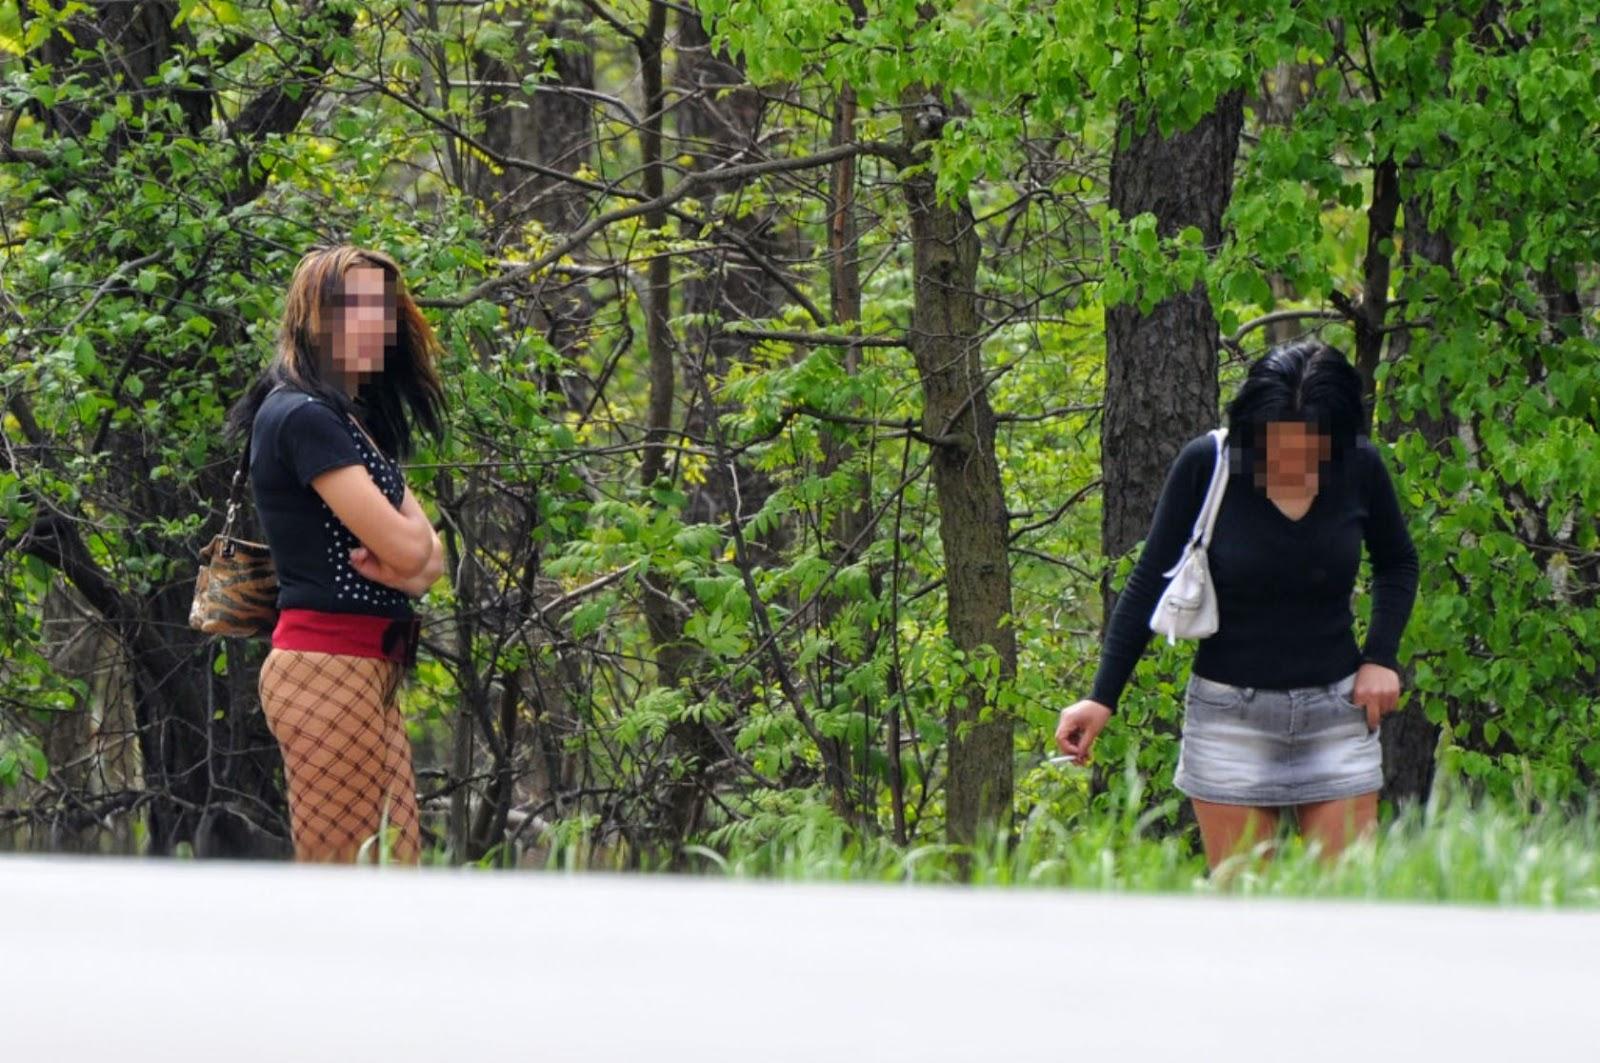 prostitutas almeria juegos de vestir a prostitutas